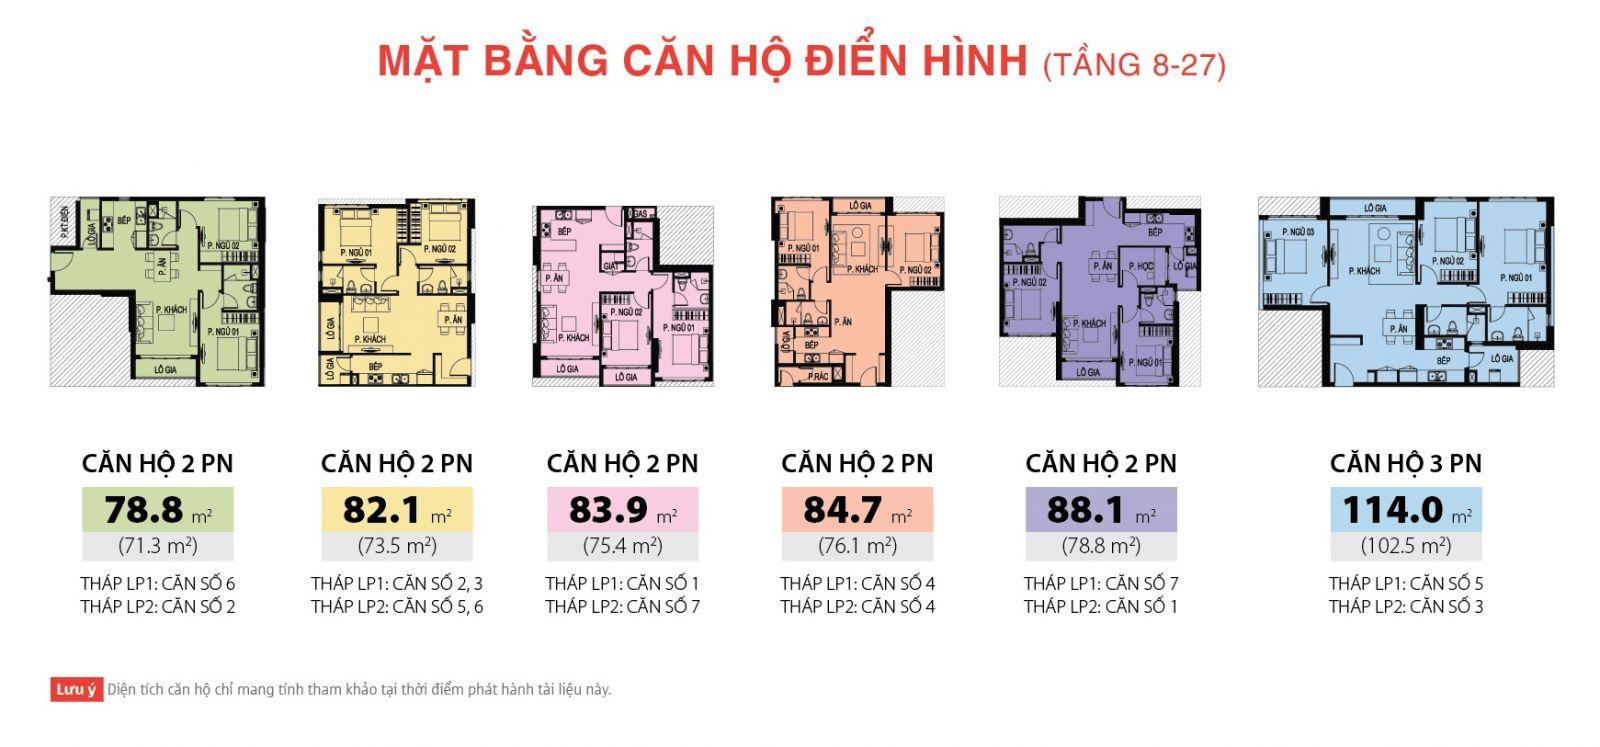 mat-bang-tang-dien-hinh-8-27